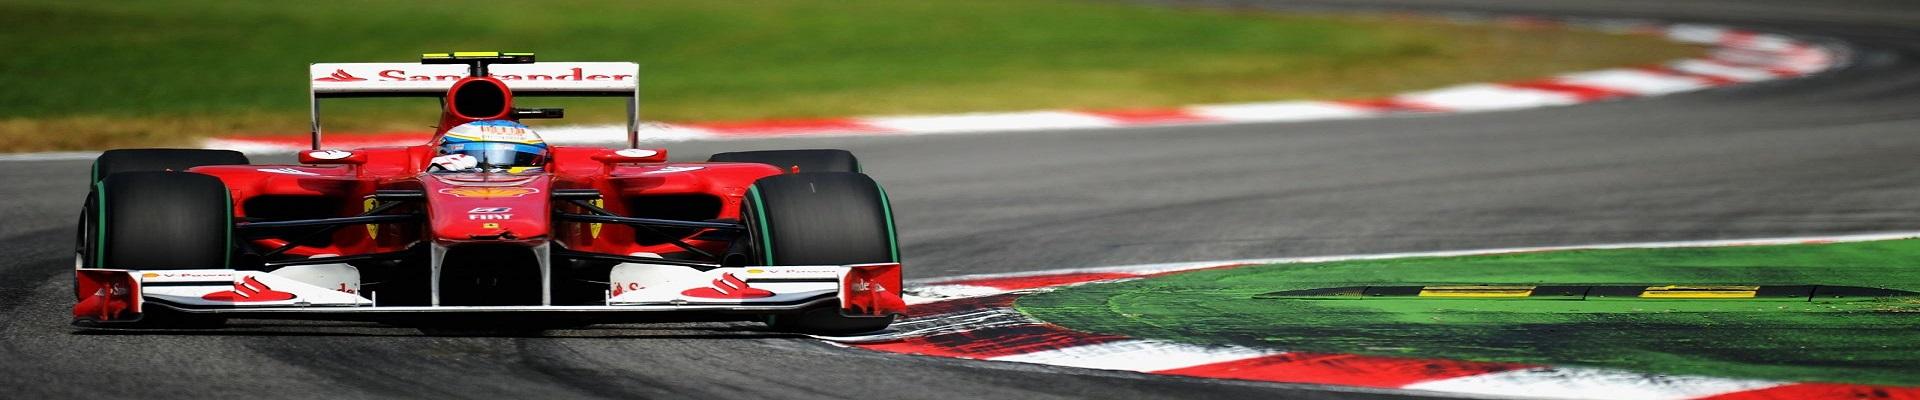 GP de Fórmula 1